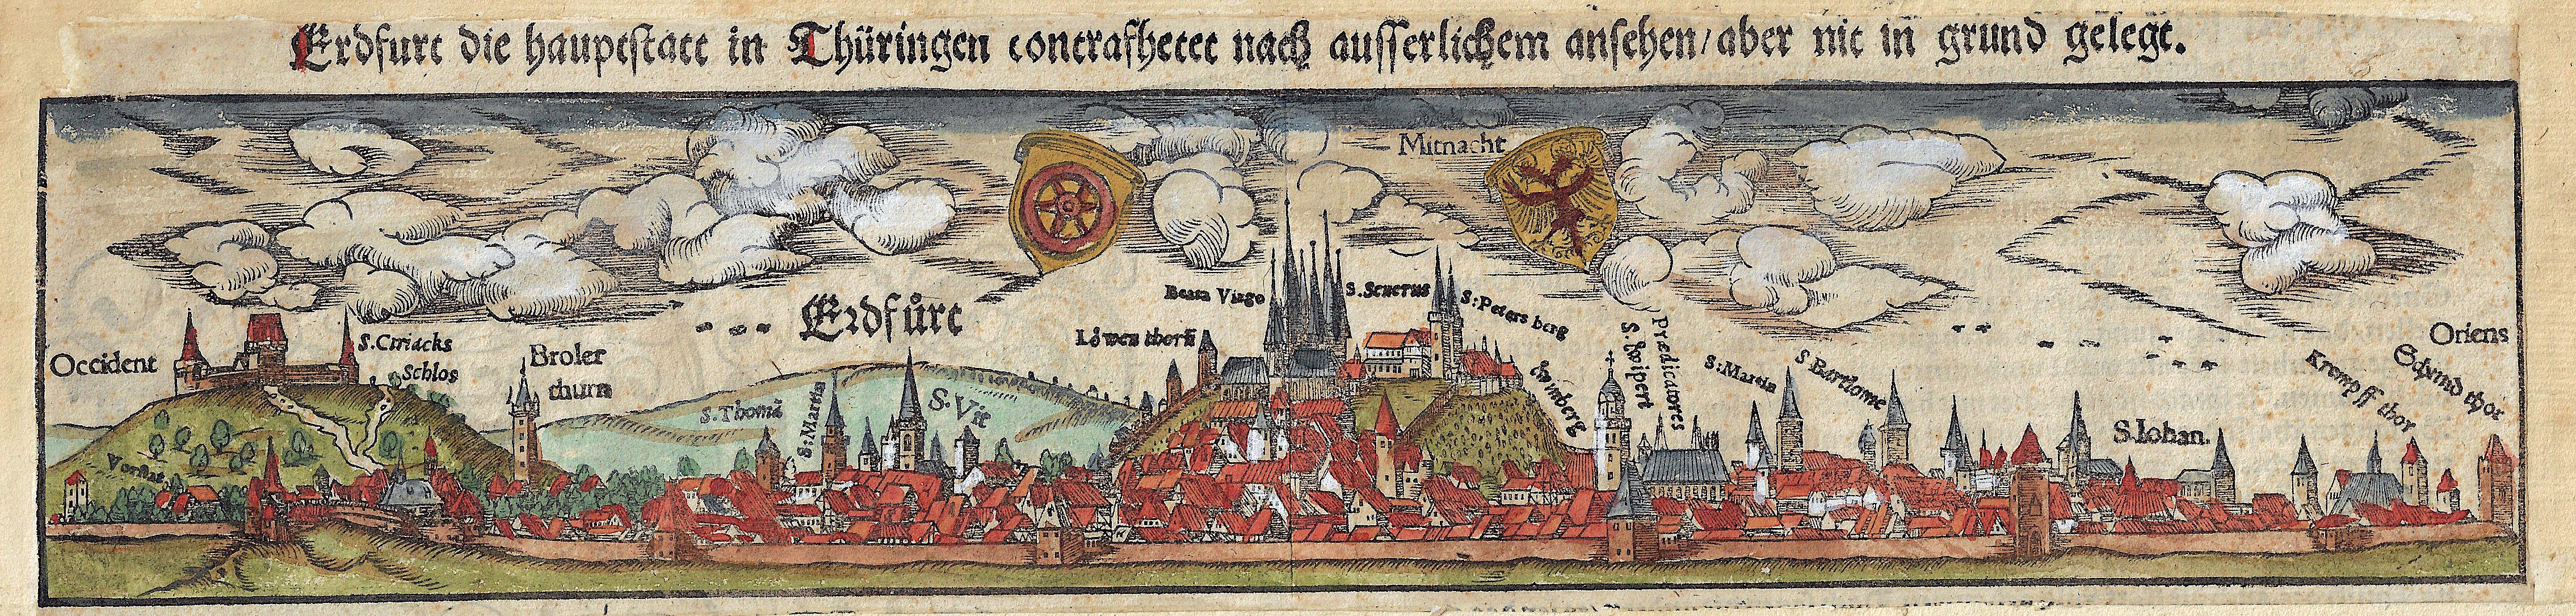 Münster  Erdfurt die hauptstatt in Thüringen contrafhetet nach ausserlichem ansehen / aber nit in grund gelegt.